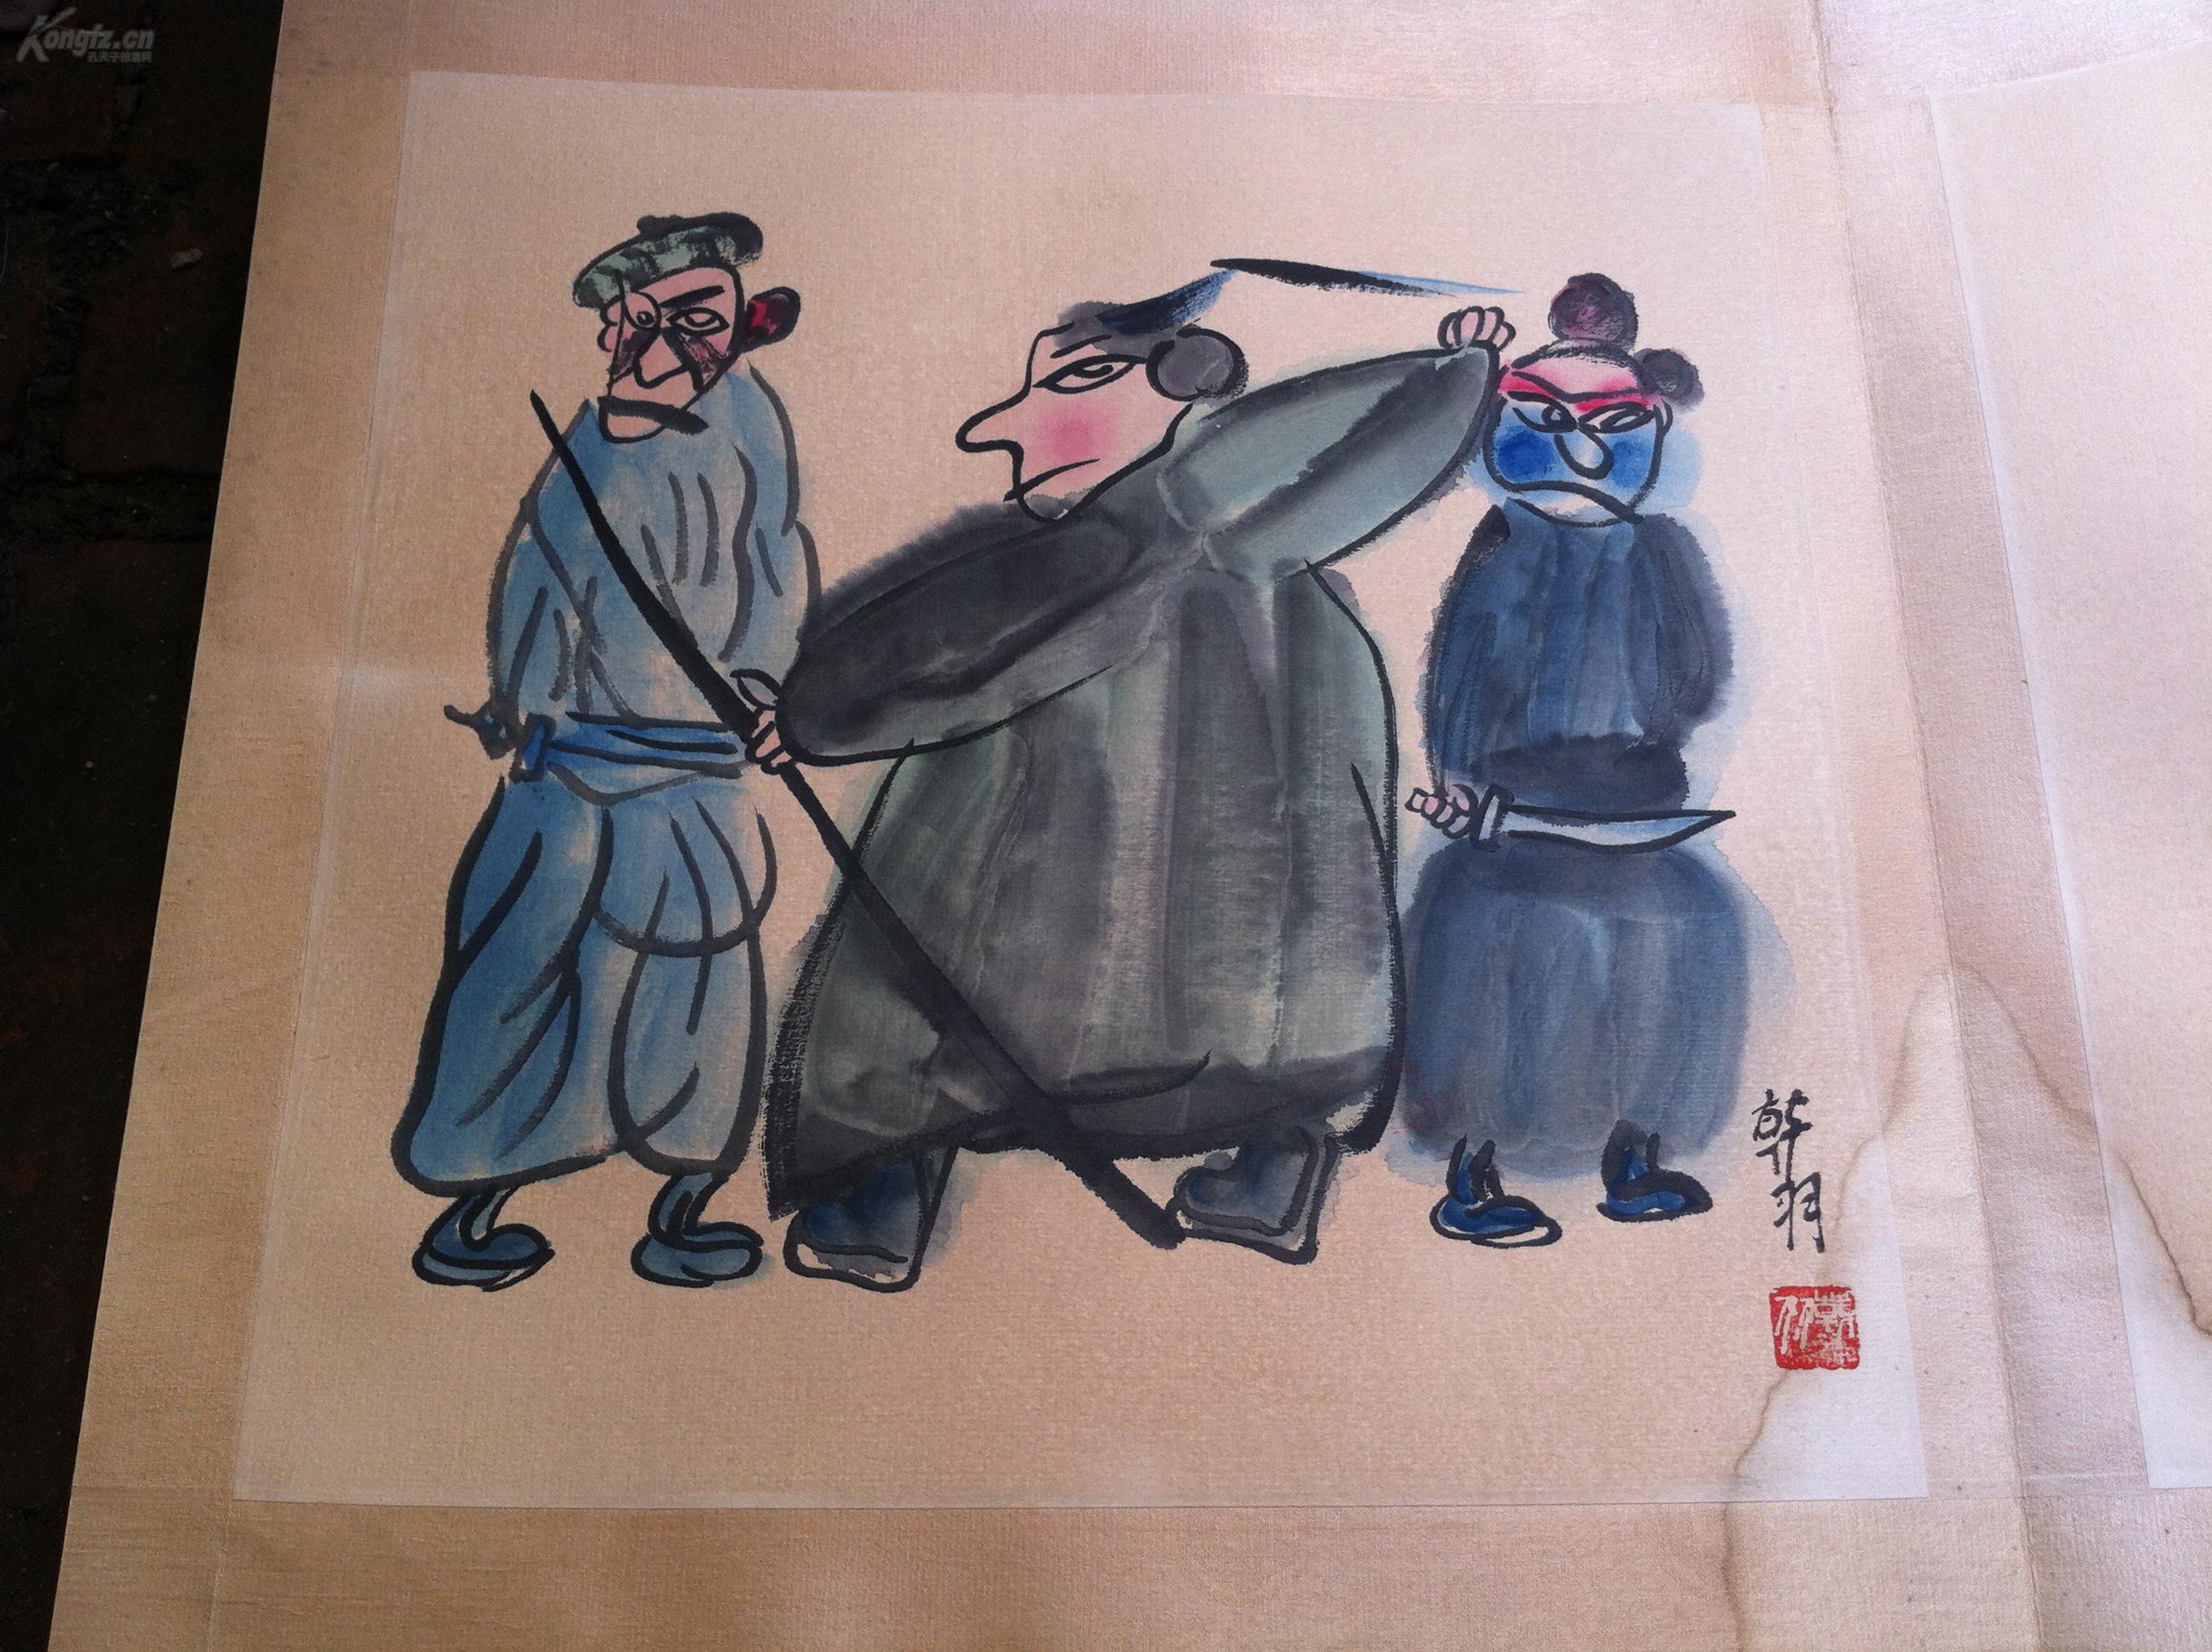 【图】韩羽漫画。炮兵图。_网上拍卖信息_孔炮册子漫画全集图片